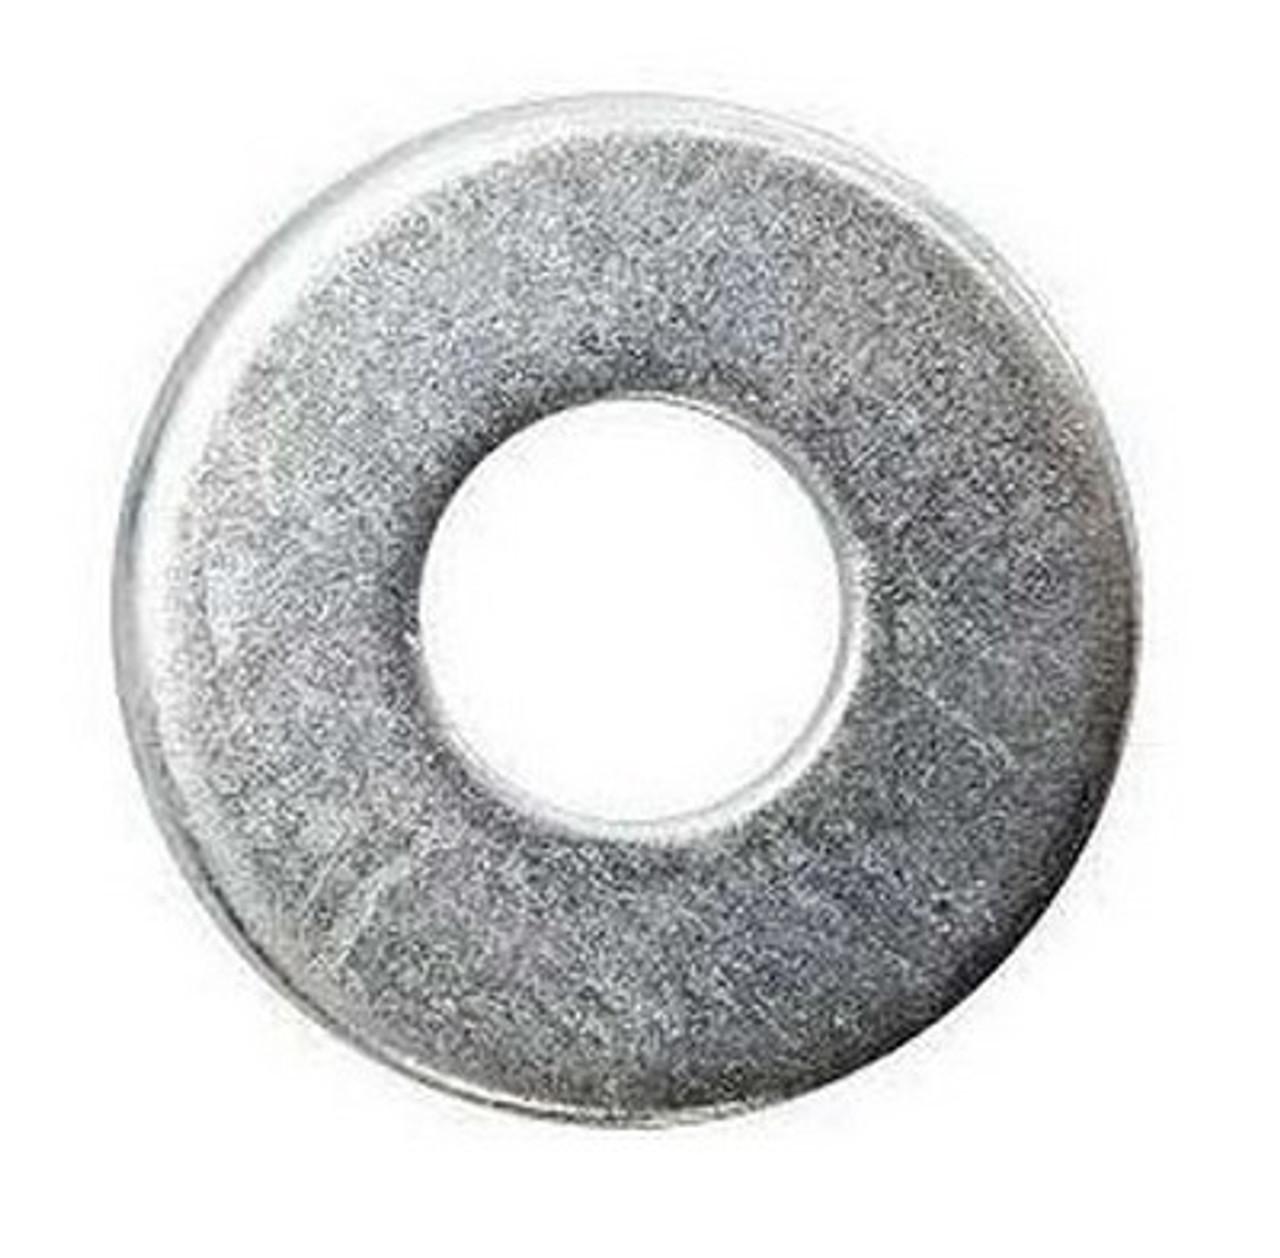 Vlier SVLP50CT55 Lock pins Stainless Steel.594 7.56 Long